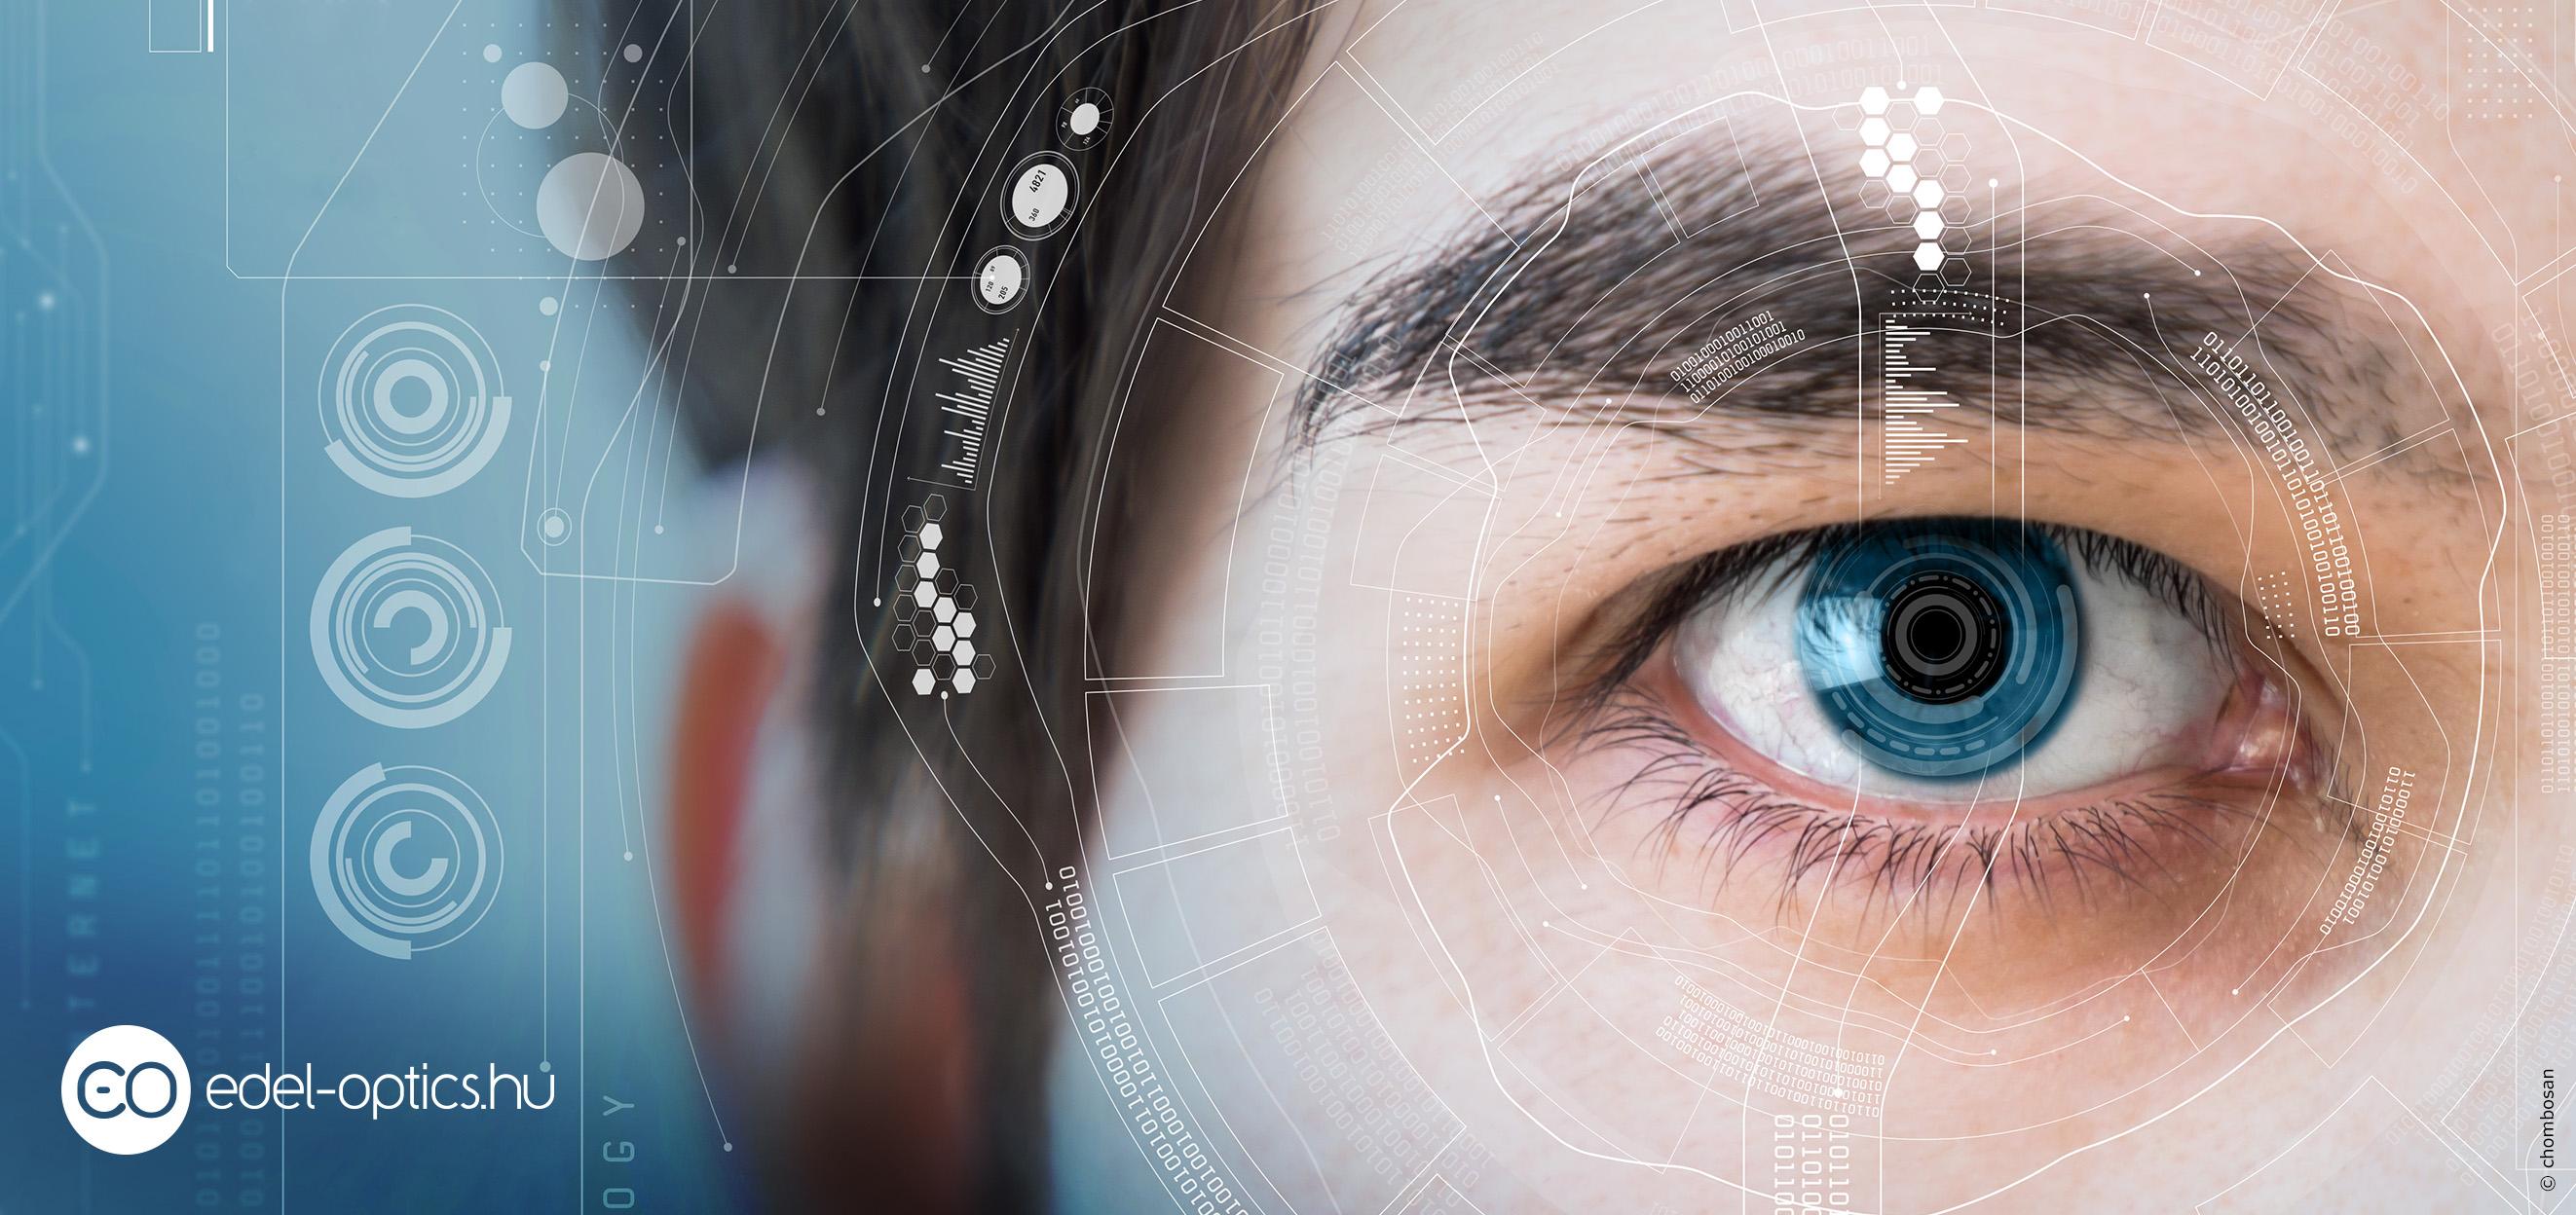 egy barna szemű nő normális látással rendelkezik manga szemvizsgálat